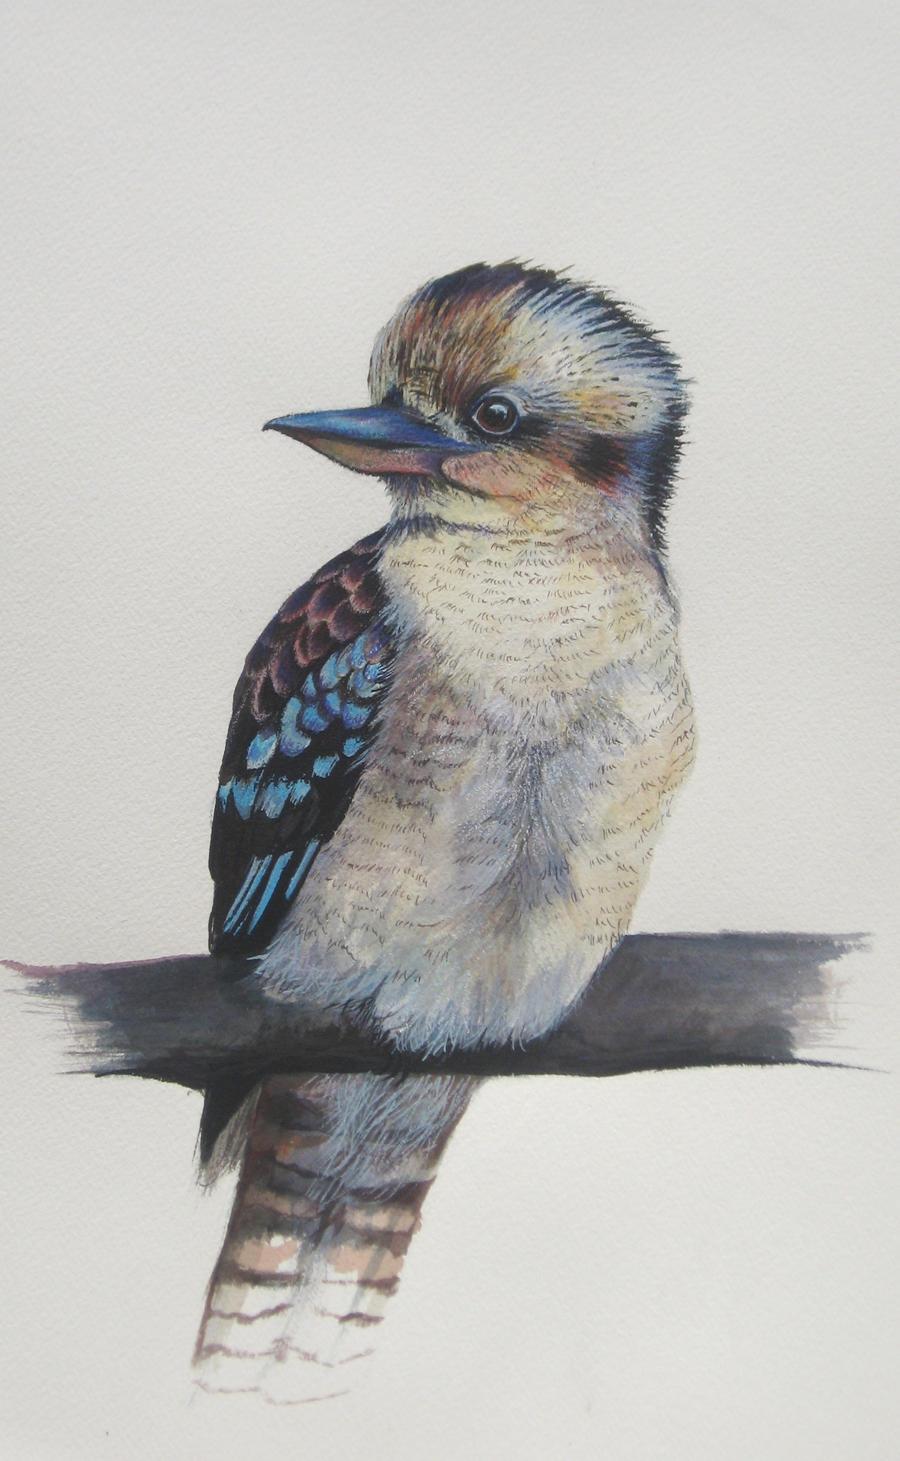 Kookaburra by JoanneBarby